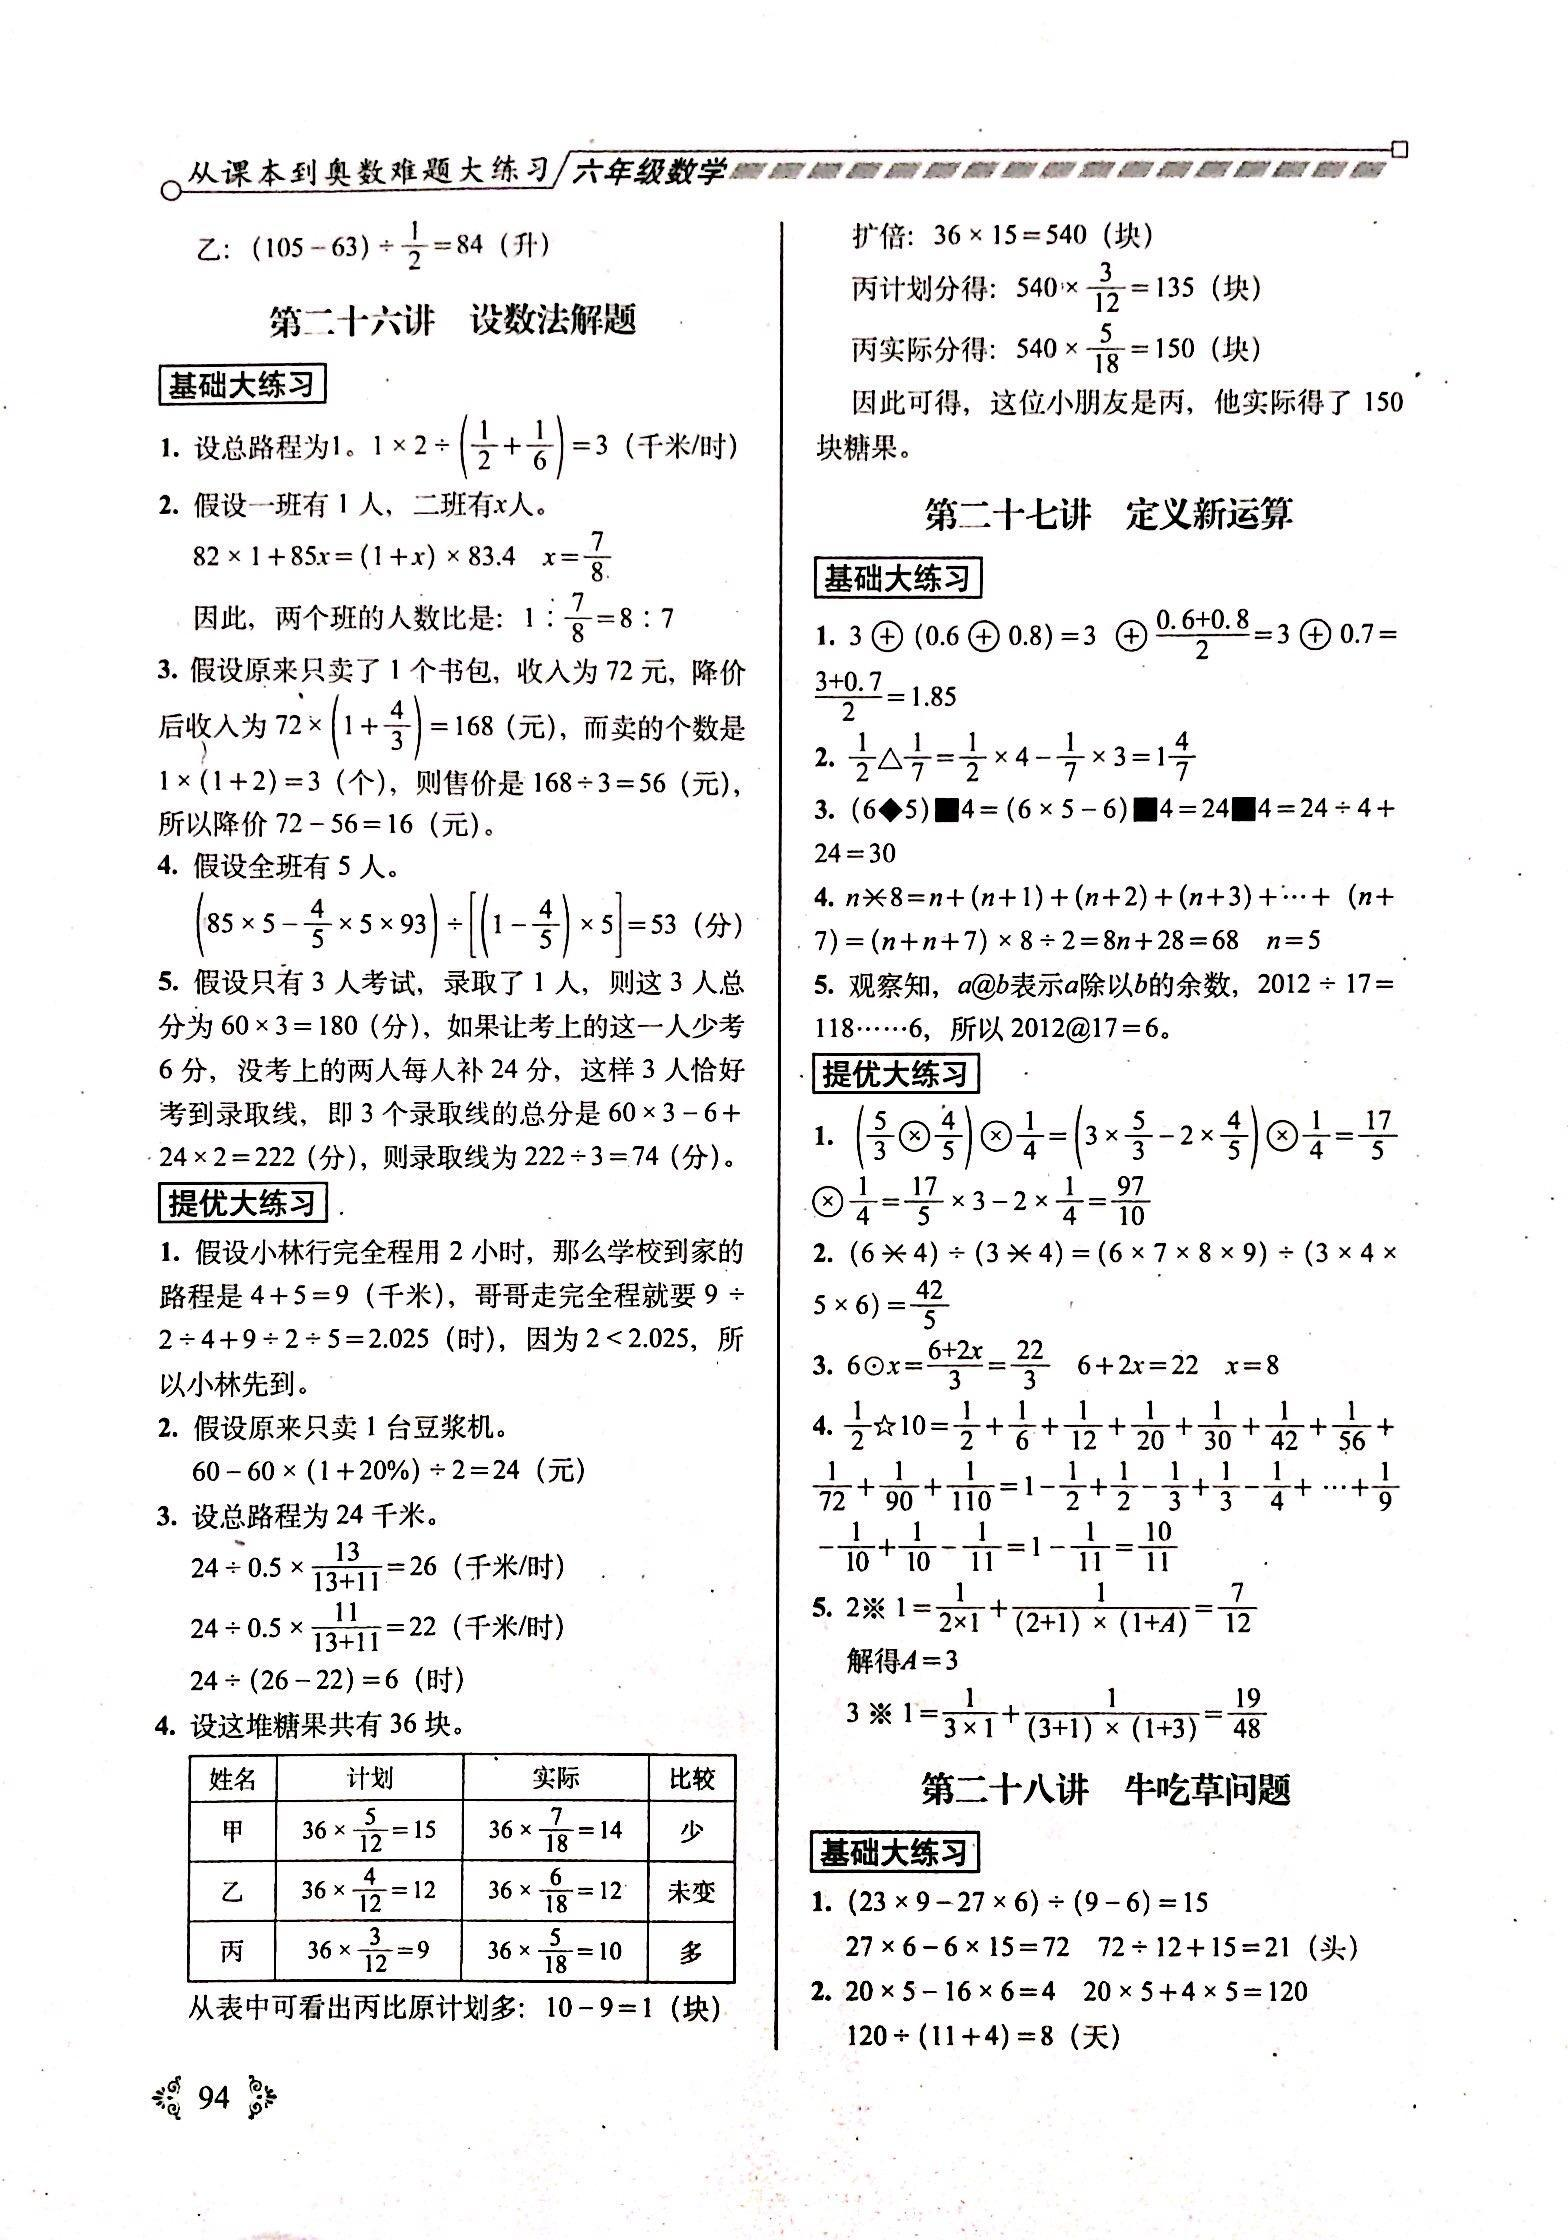 2018年从课本到奥数难题大练习六年级数学答案